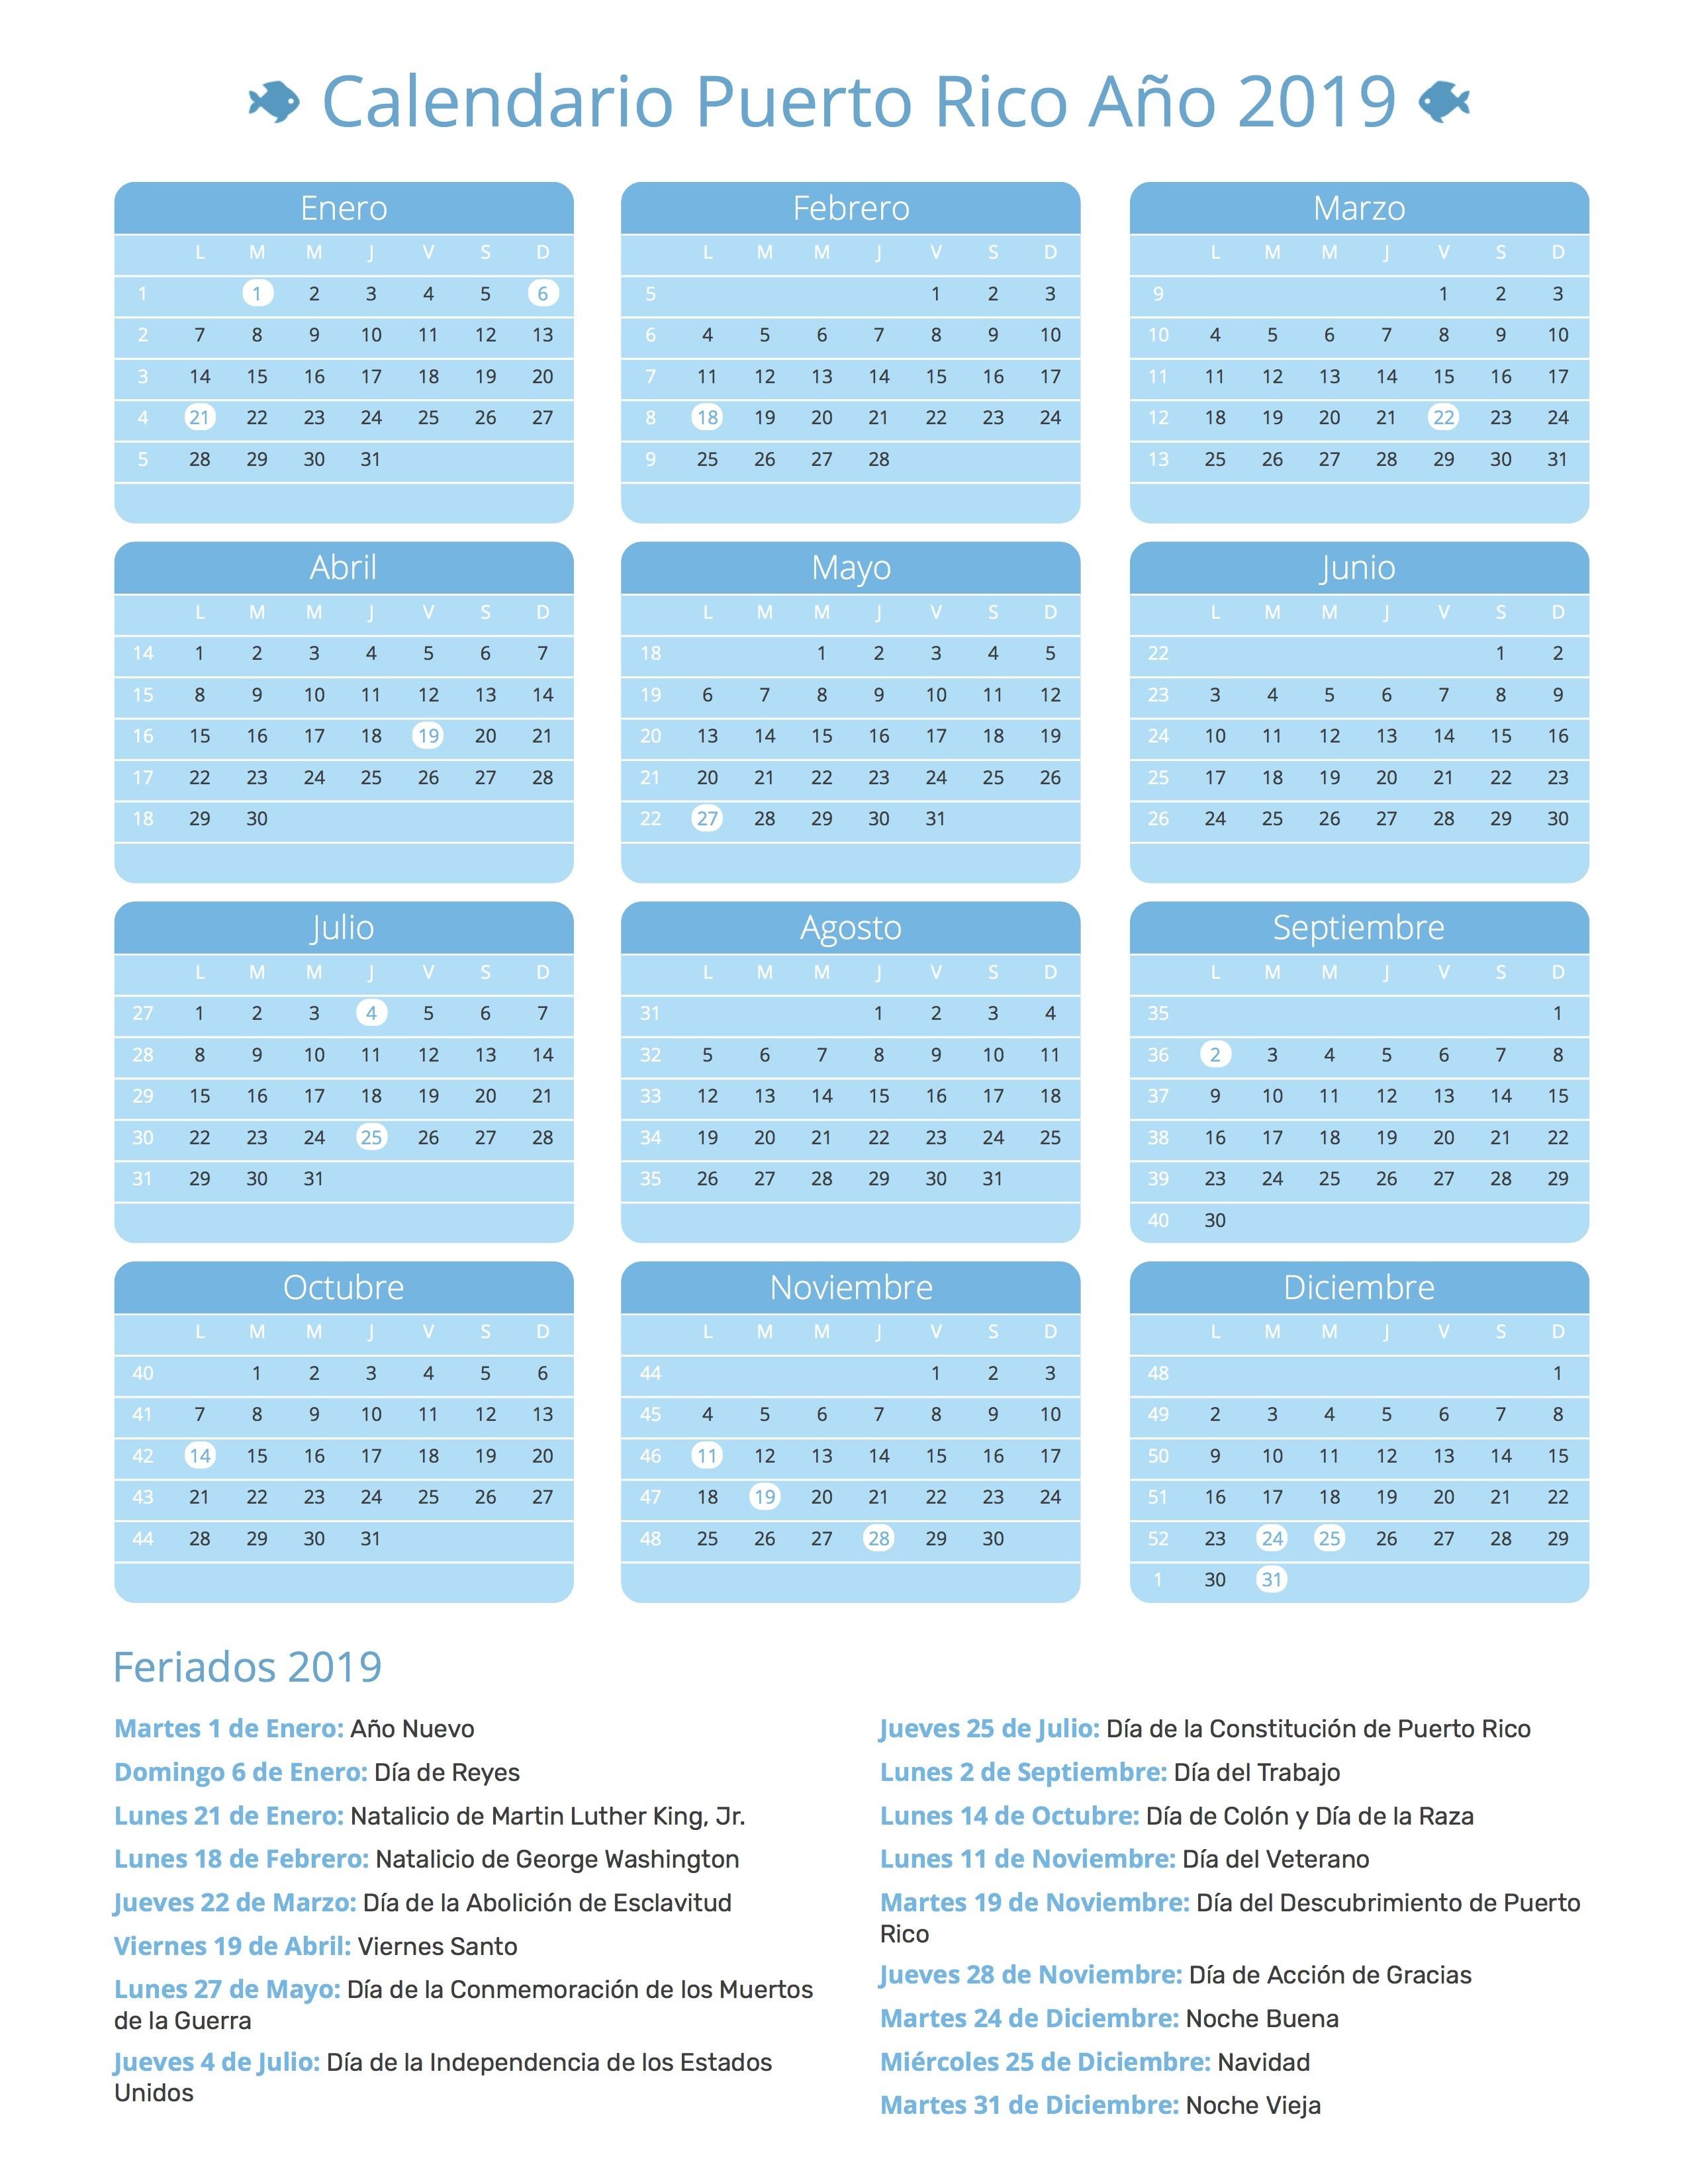 Calendario 2019 Venezuela Con Dias Festivos Más Recientes Calendario Puerto Rico A±o 2019 Of Calendario 2019 Venezuela Con Dias Festivos Más Recientes Mexican Flag Spanish Flag S and Interesting Facts